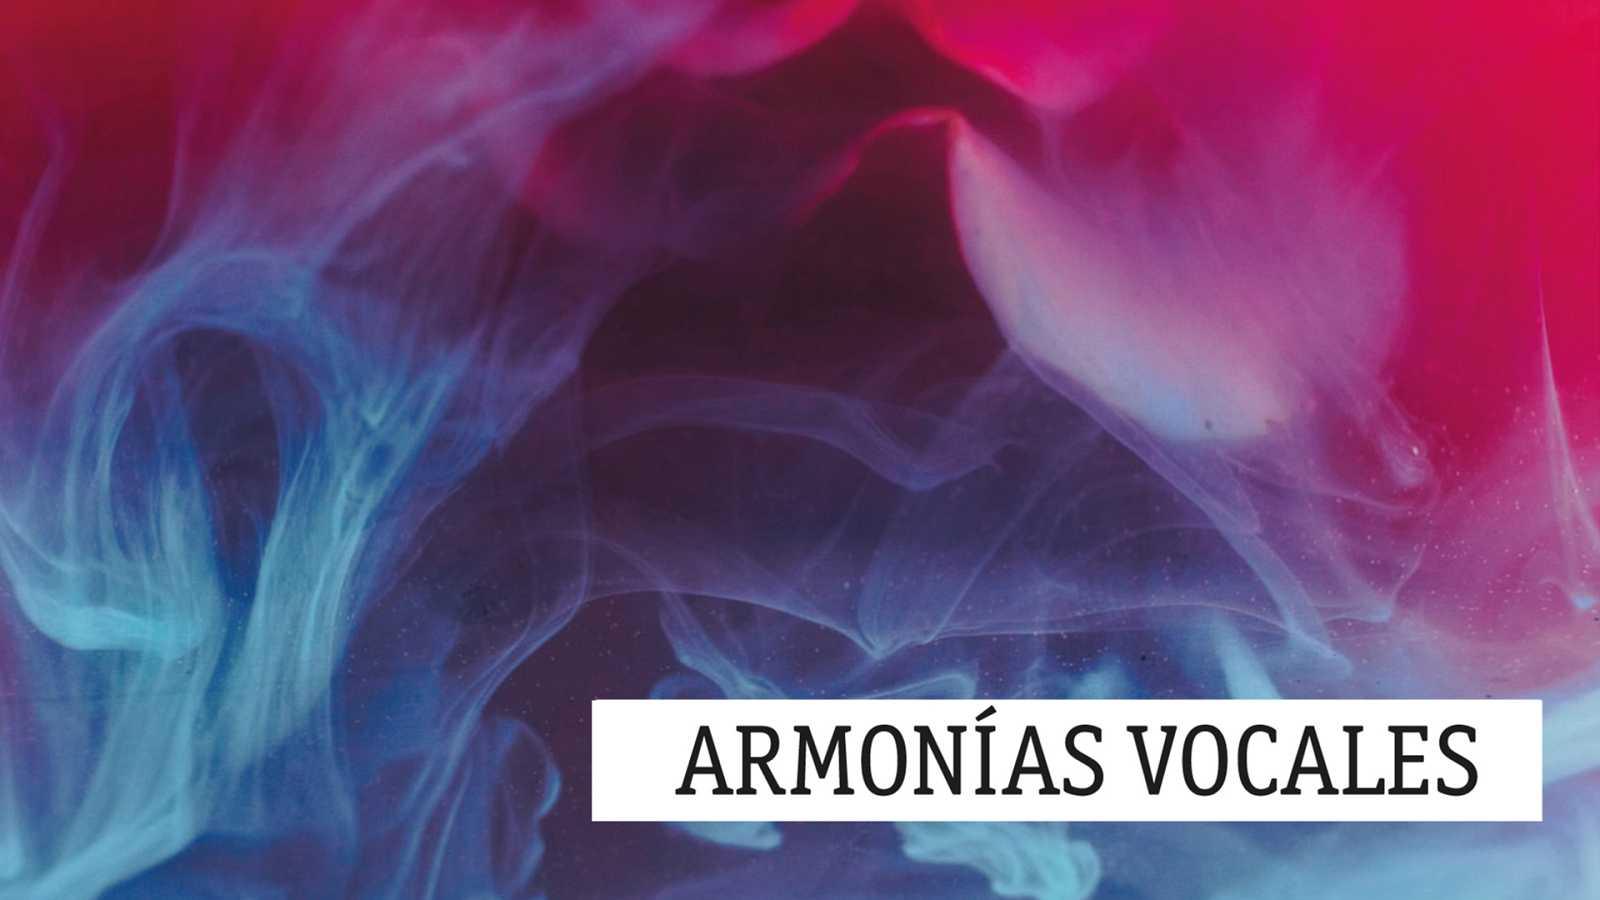 Armonías vocales - La música coral de Gustav Mahler - 13/03/21 - escuchar ahora